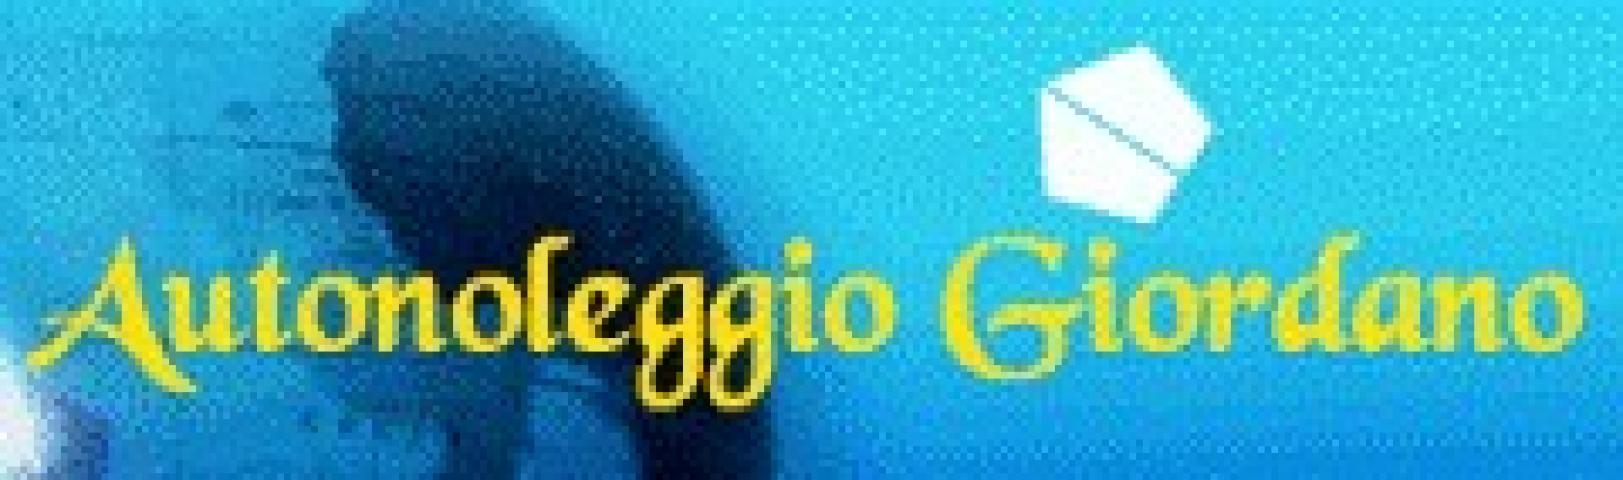 Autonoleggio Giordano NCC